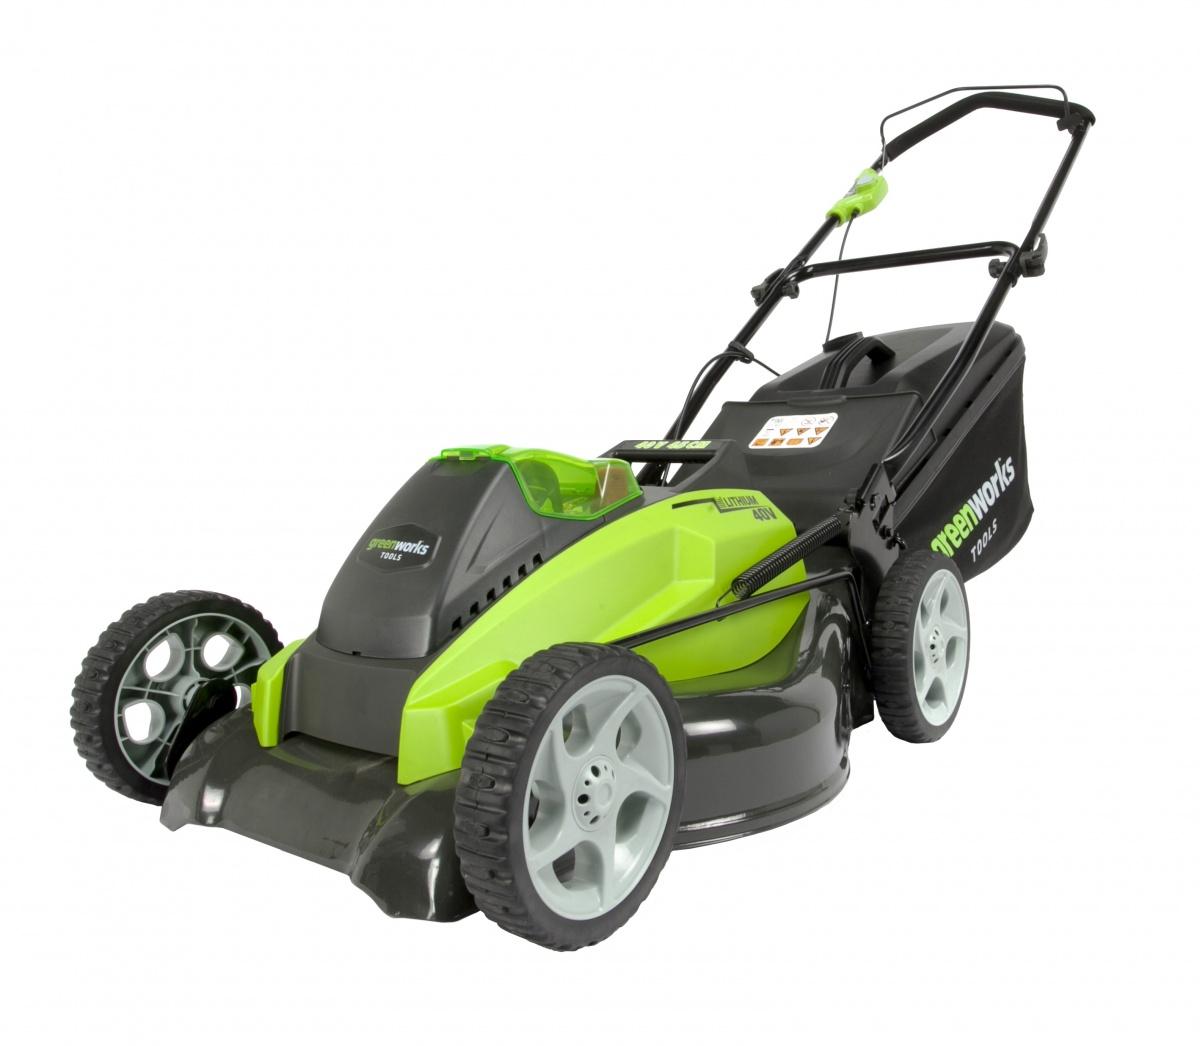 Greenworks GD40LM45 - akumulátorová travní sekačka 40 V s indukčním motorem